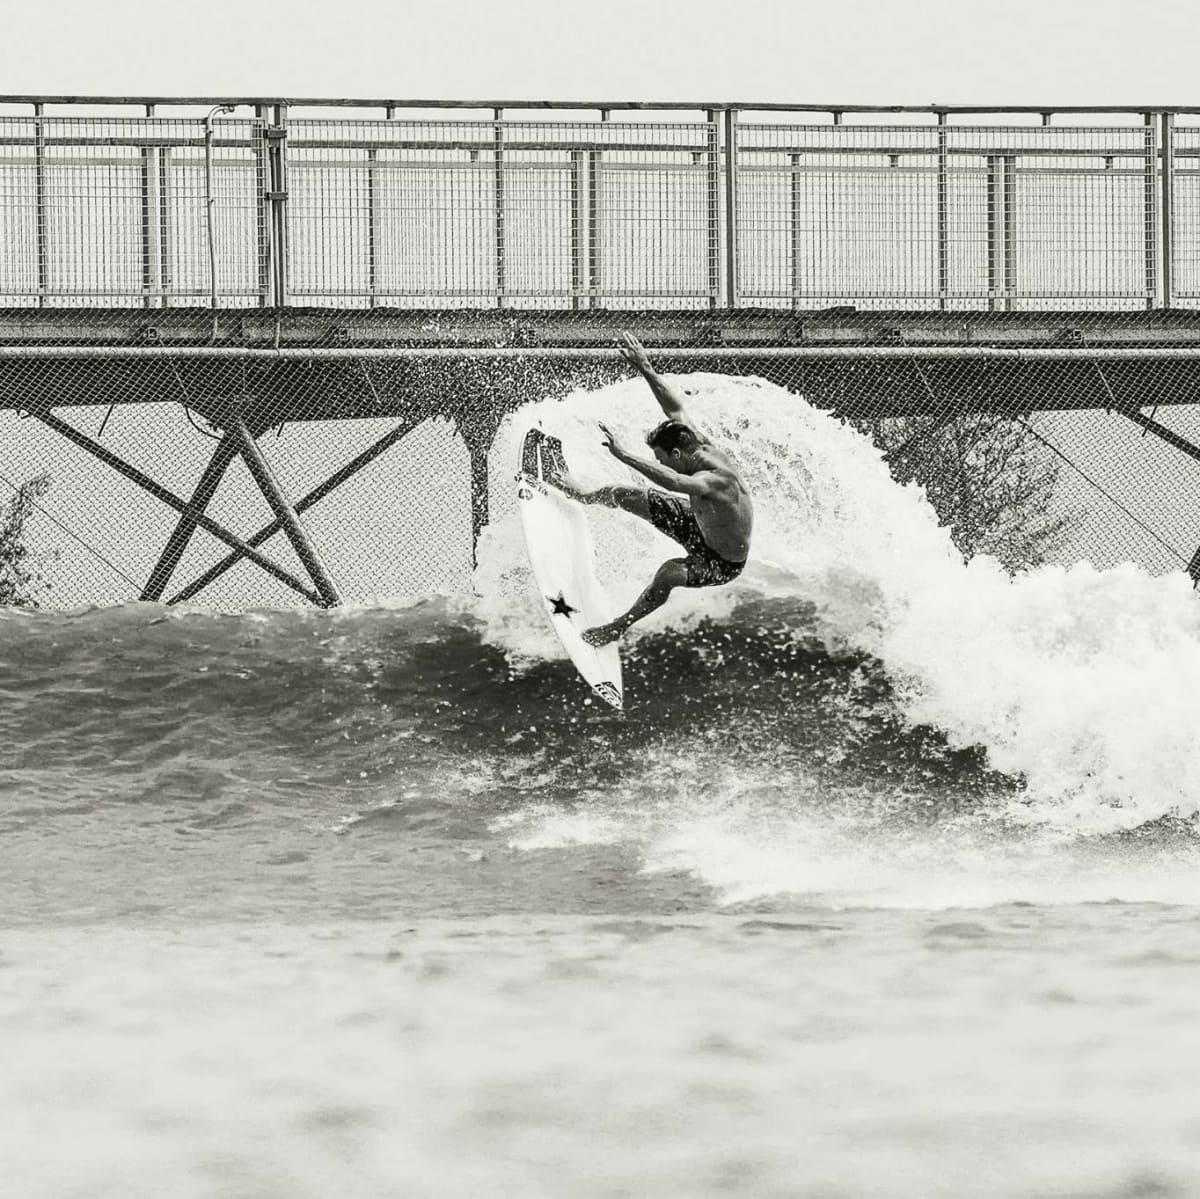 NLand Surf Park Austin surfer Mitch Crews